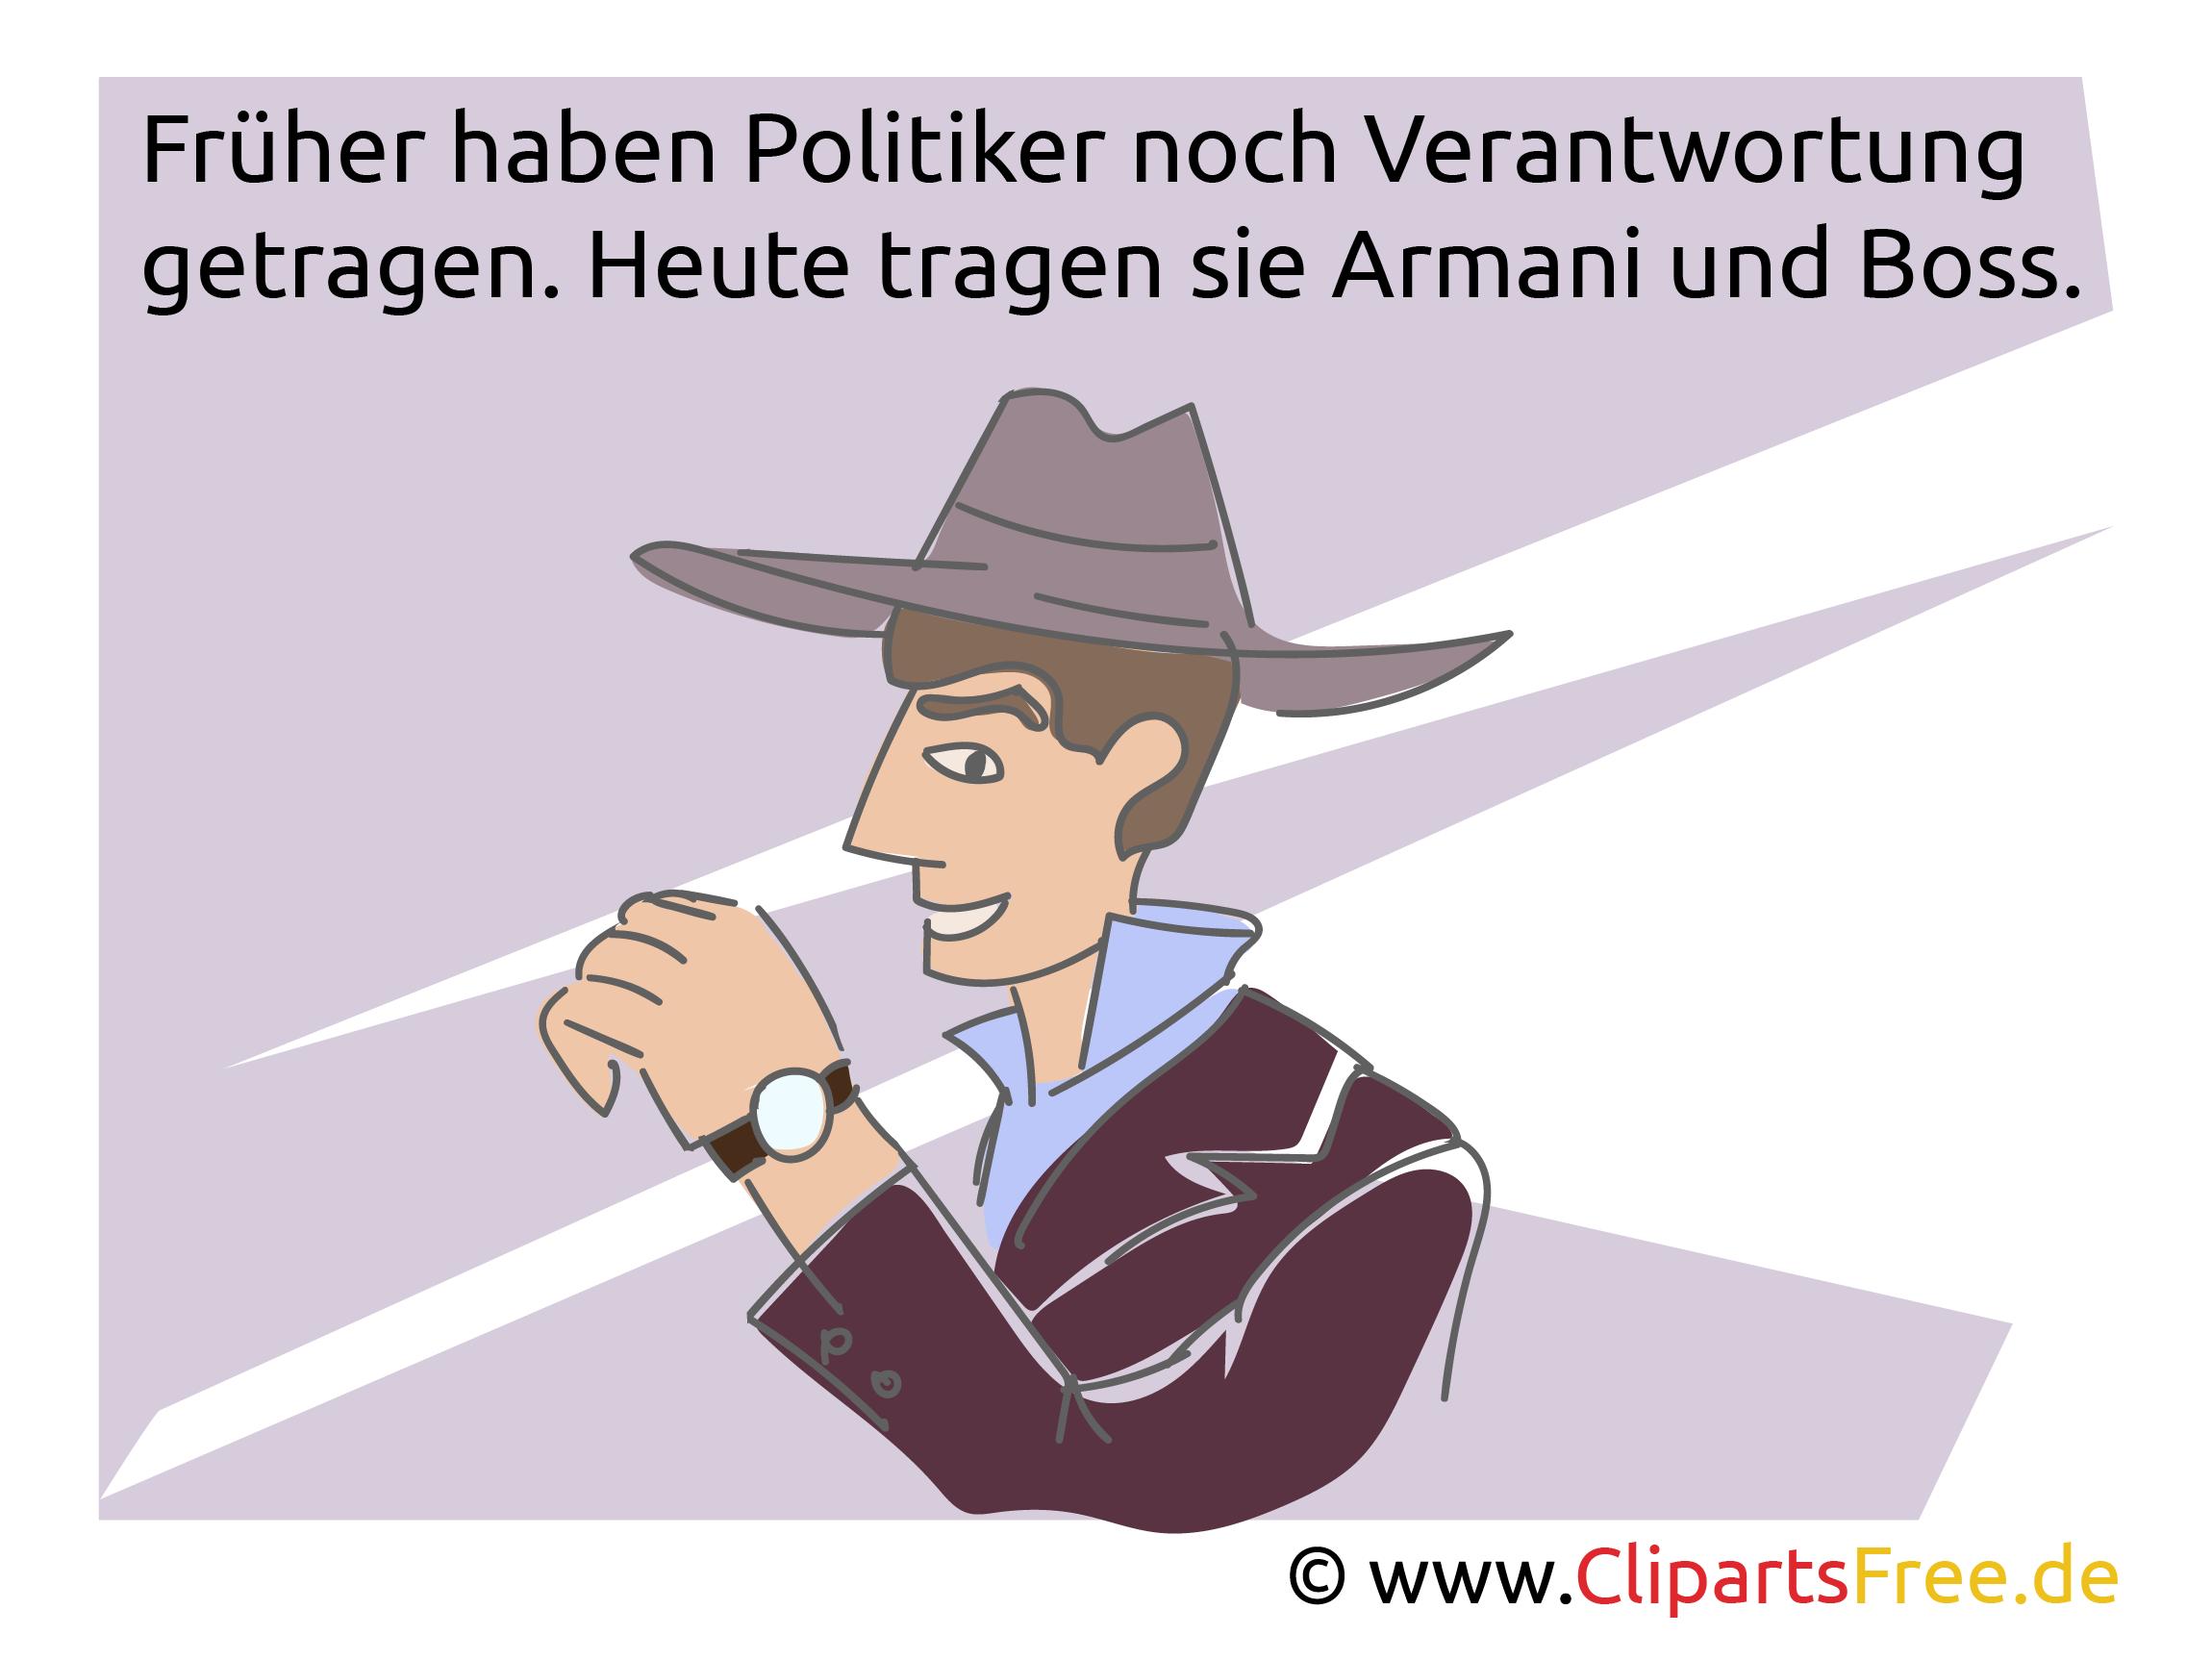 Politikwitze als Bilder mit Illustrationen